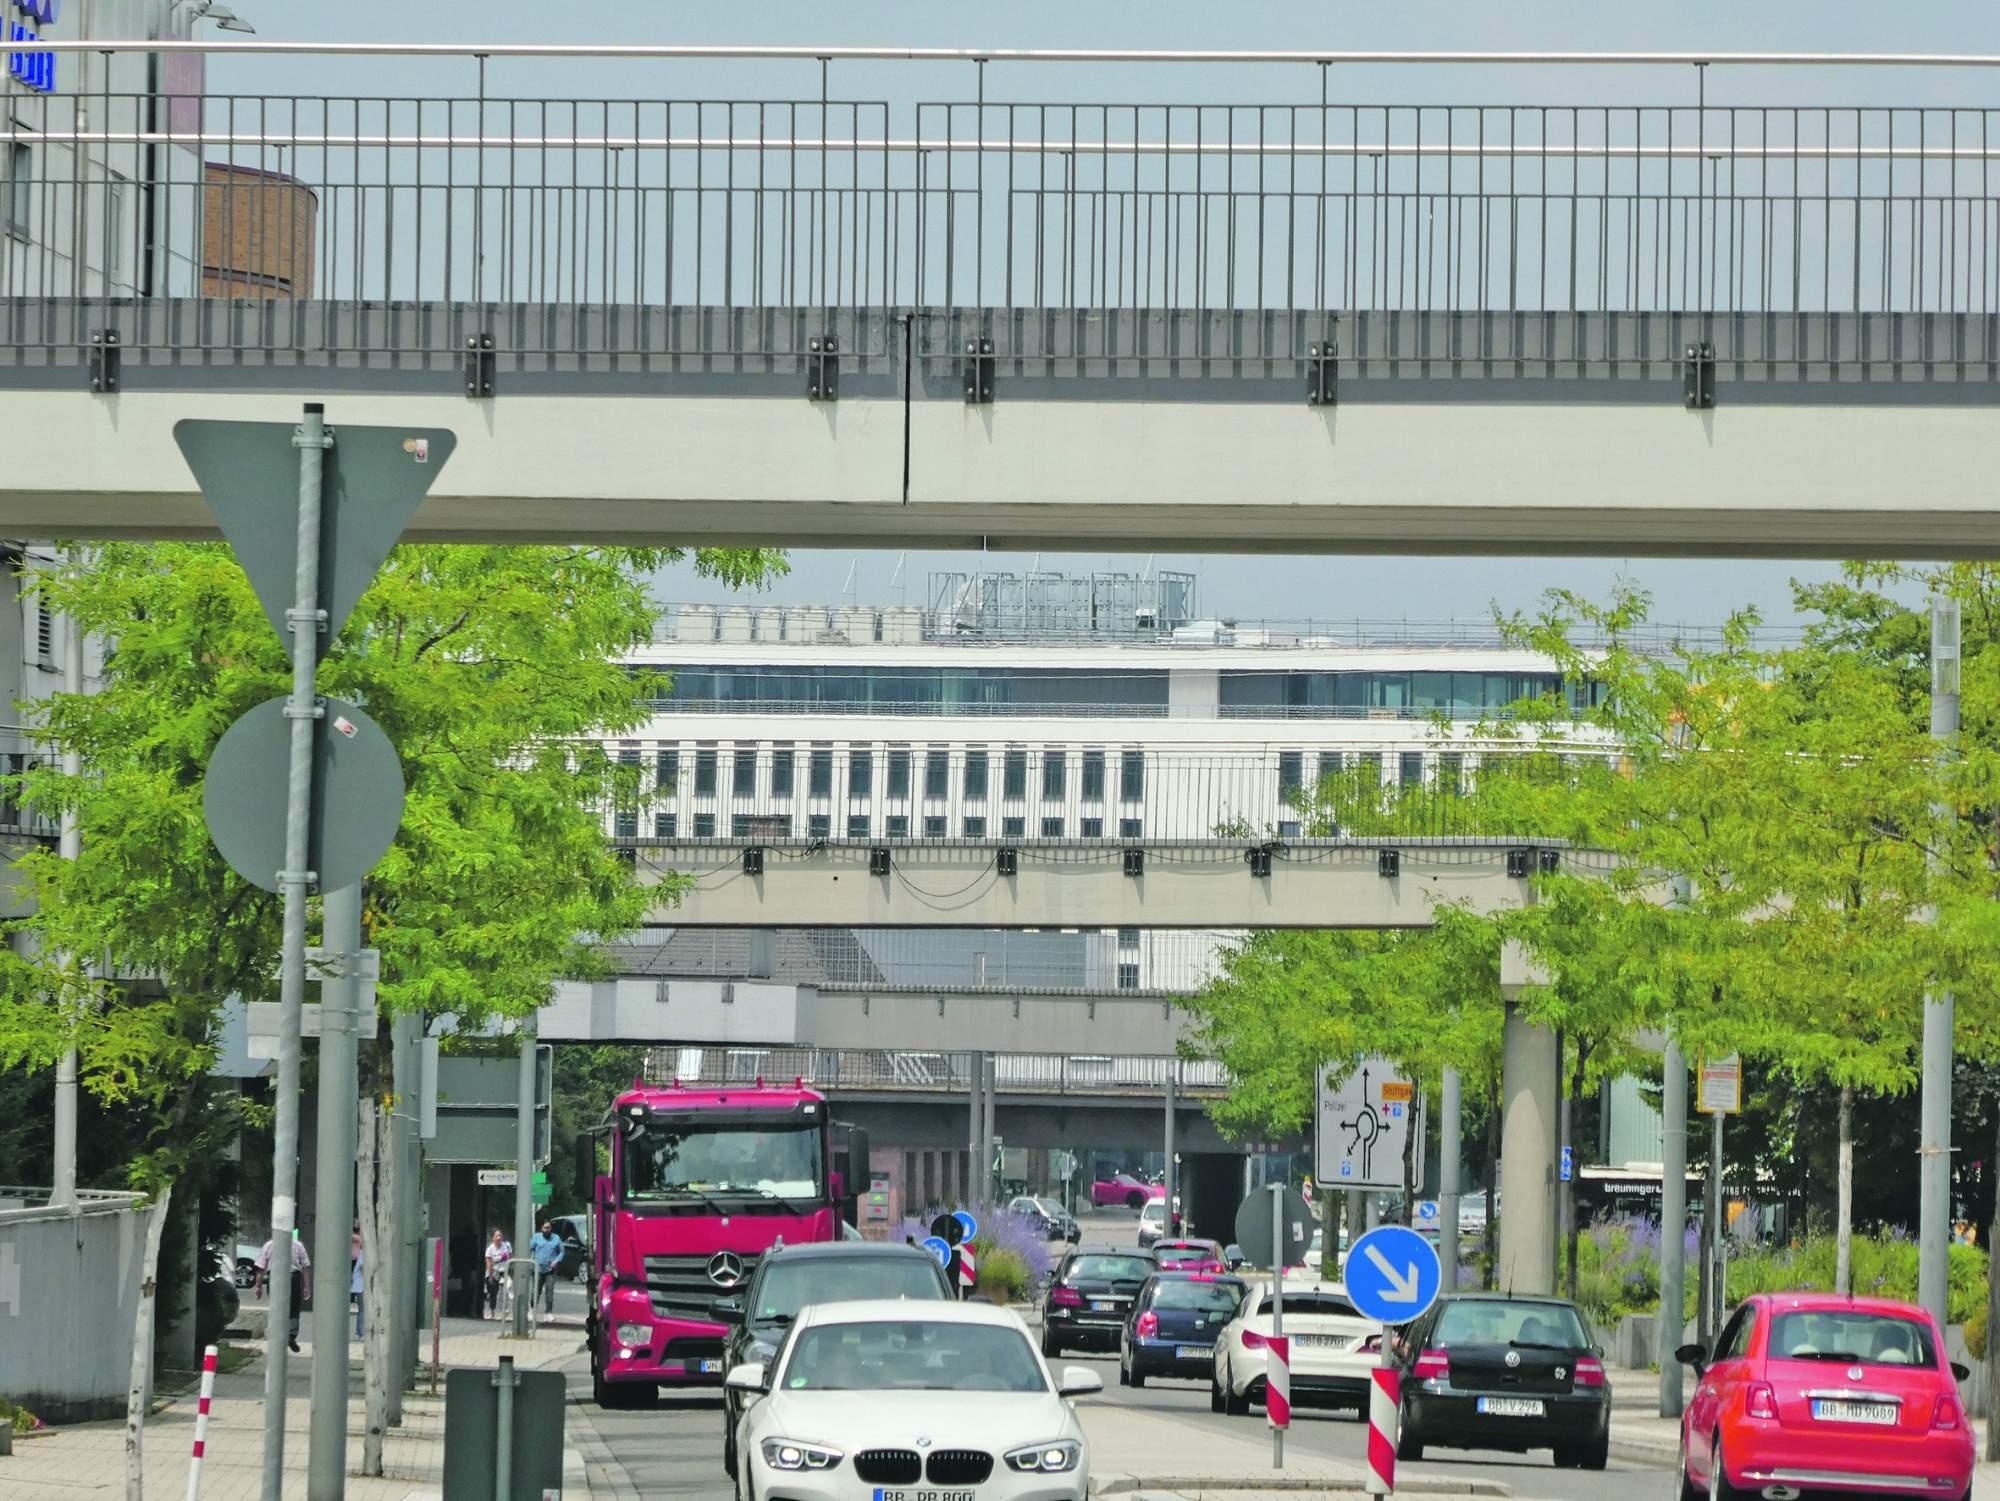 BB Heute Plan City Center und Brücken abreißen